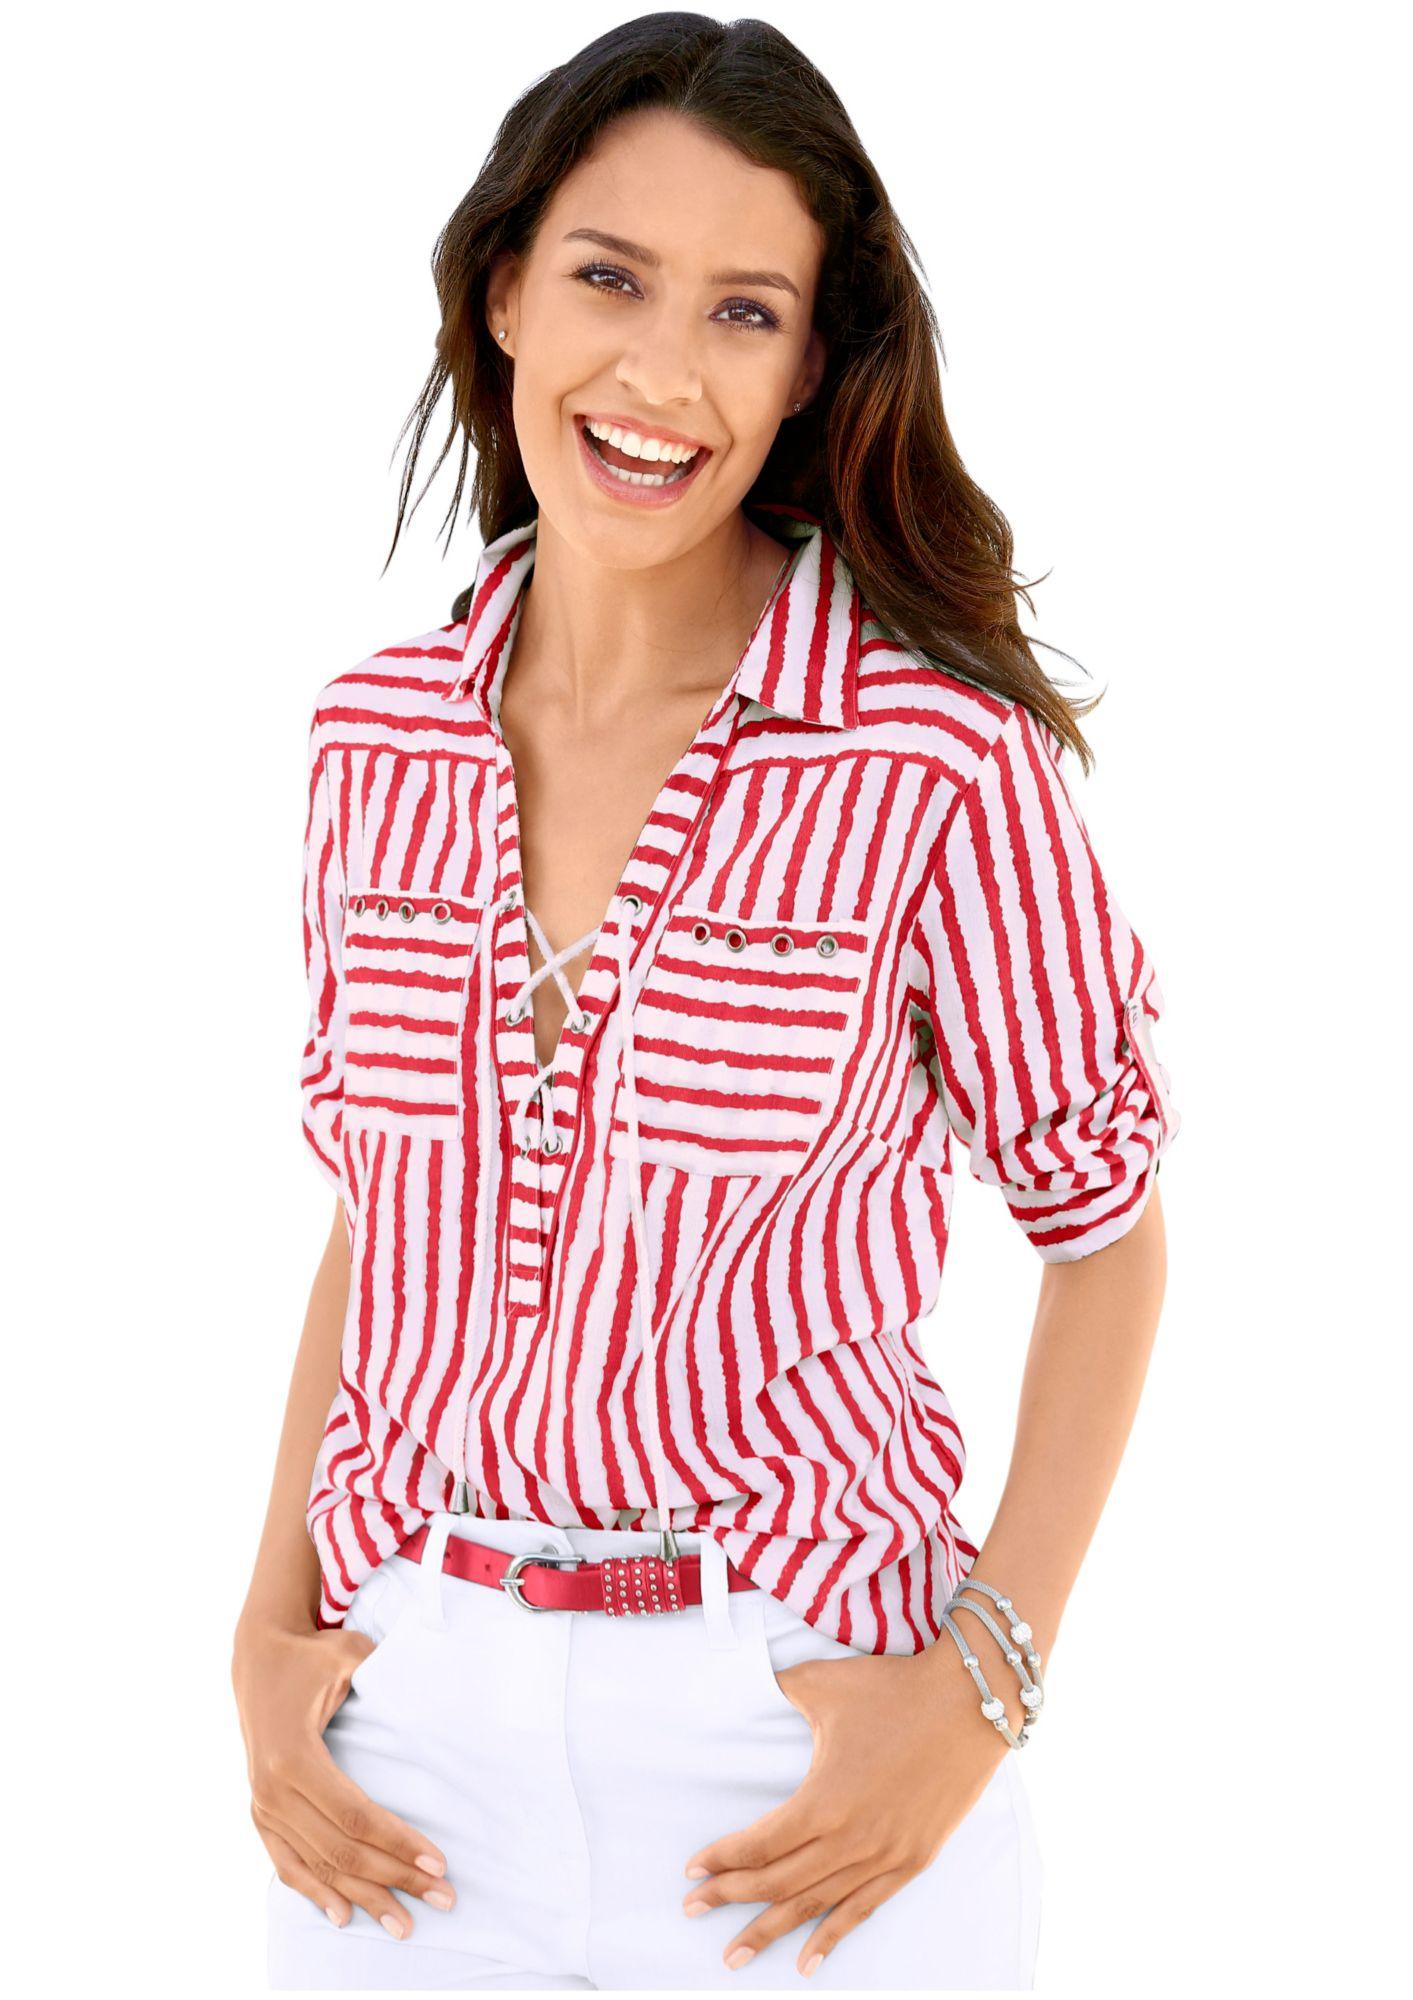 CLASSIC INSPIRATIONEN Classic Inspirationen Bluse mit trendigen Streifen Dessin